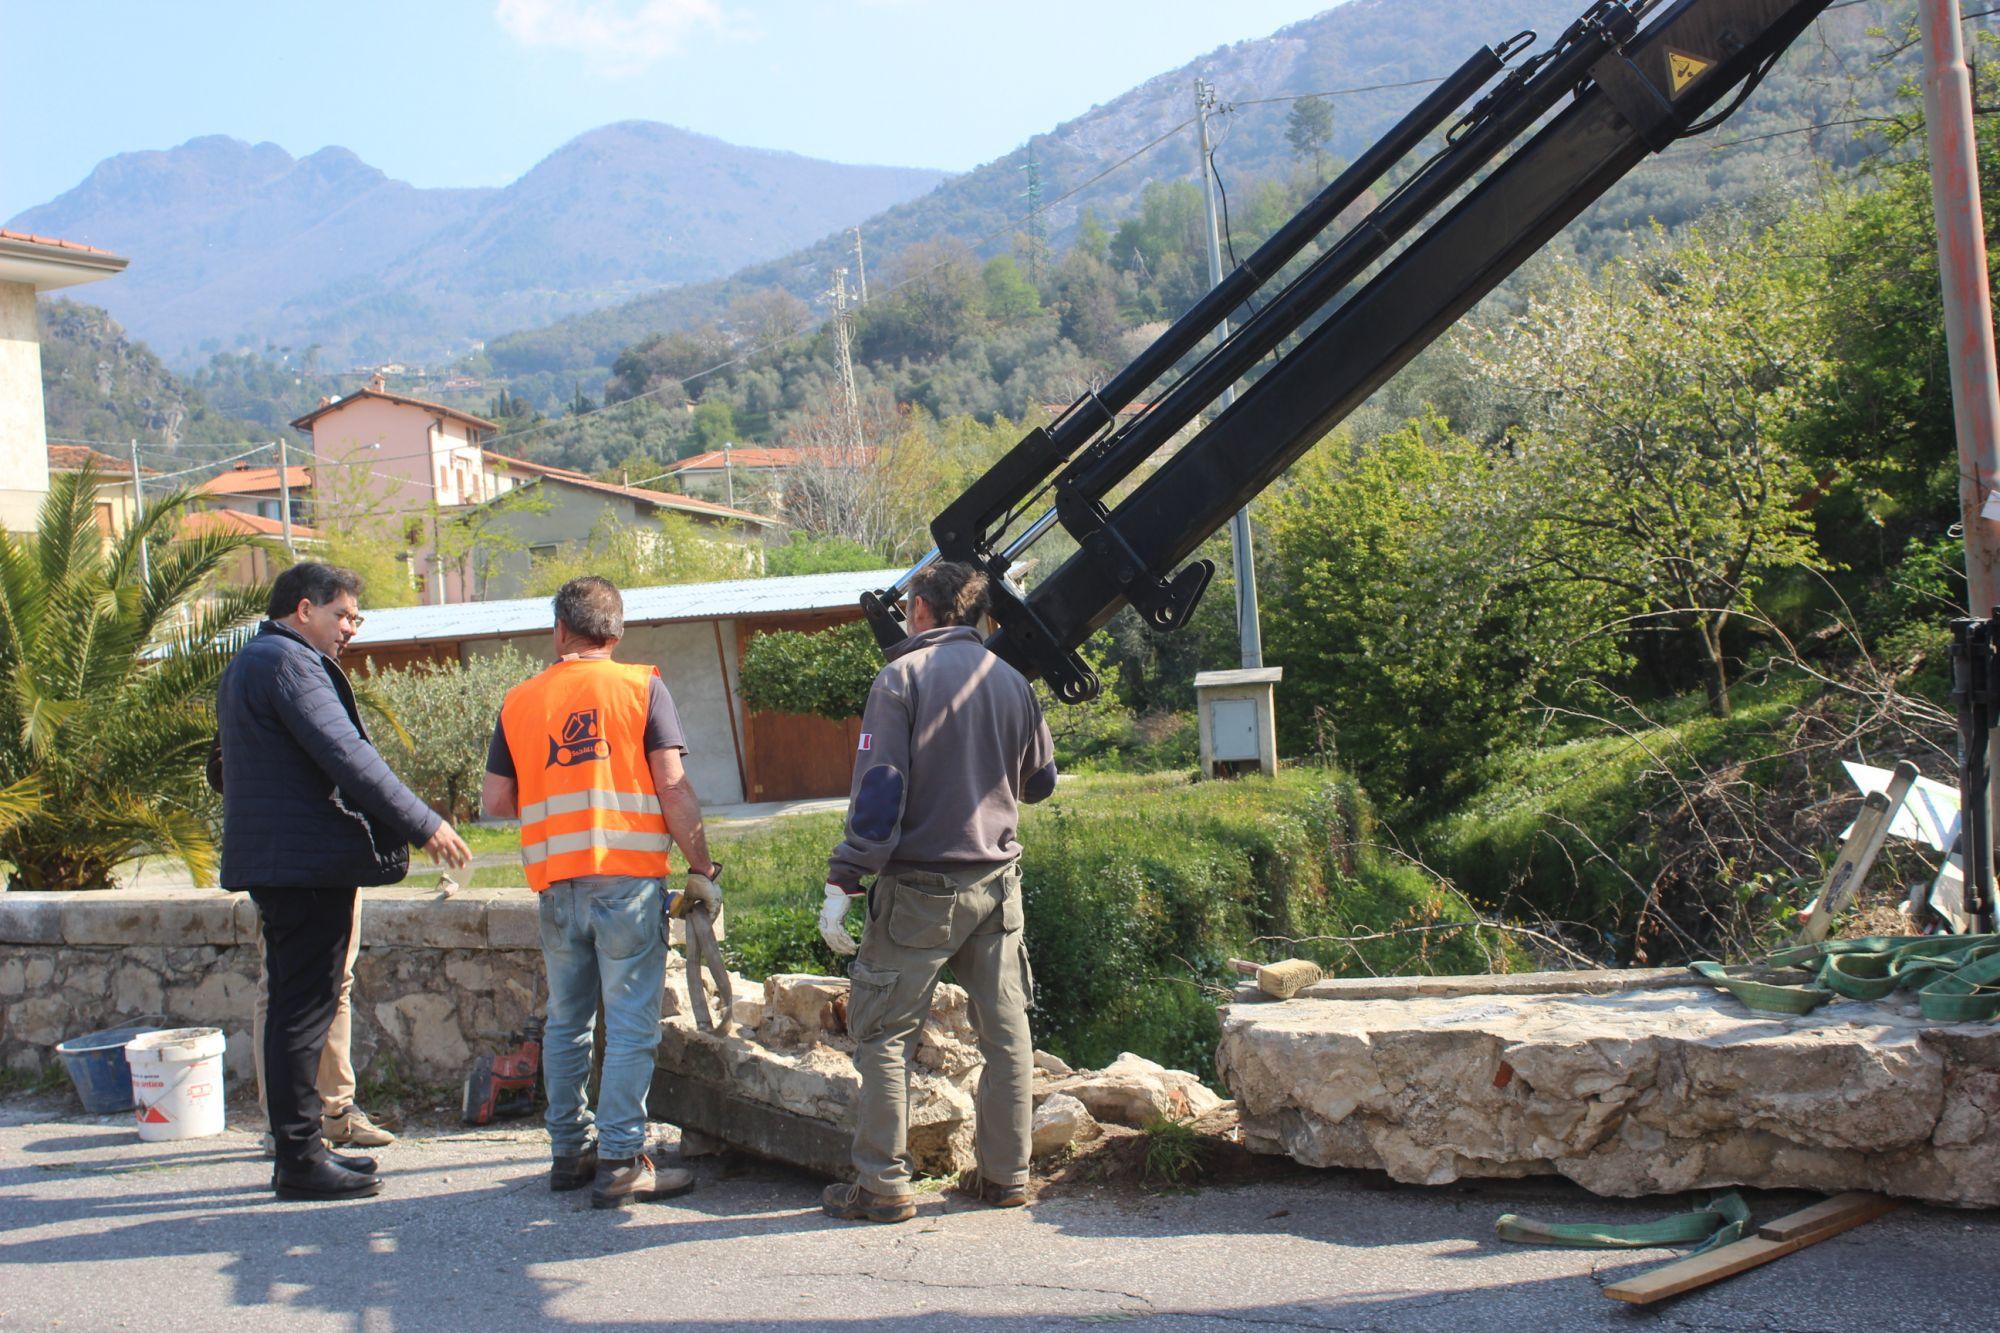 Nuovo parapetto in cemento in via Provinciale Vallecchia, in corso intervento